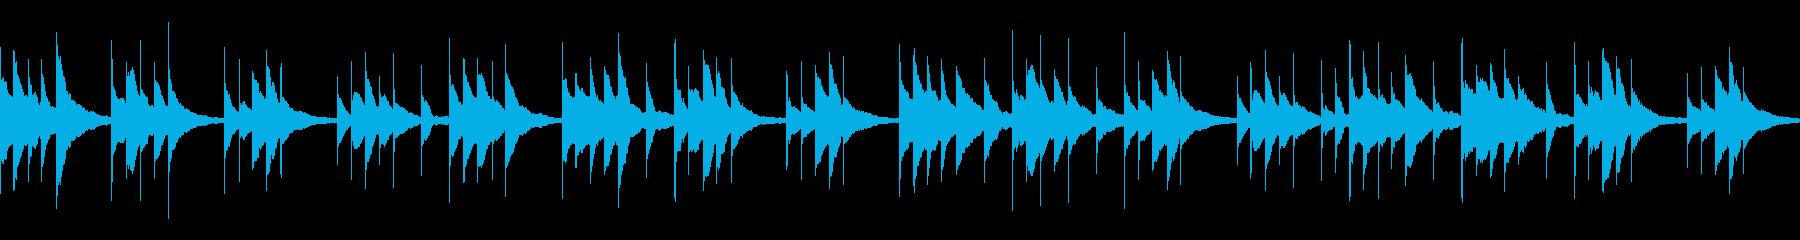 切ないシーンに/オルゴール/ループの再生済みの波形